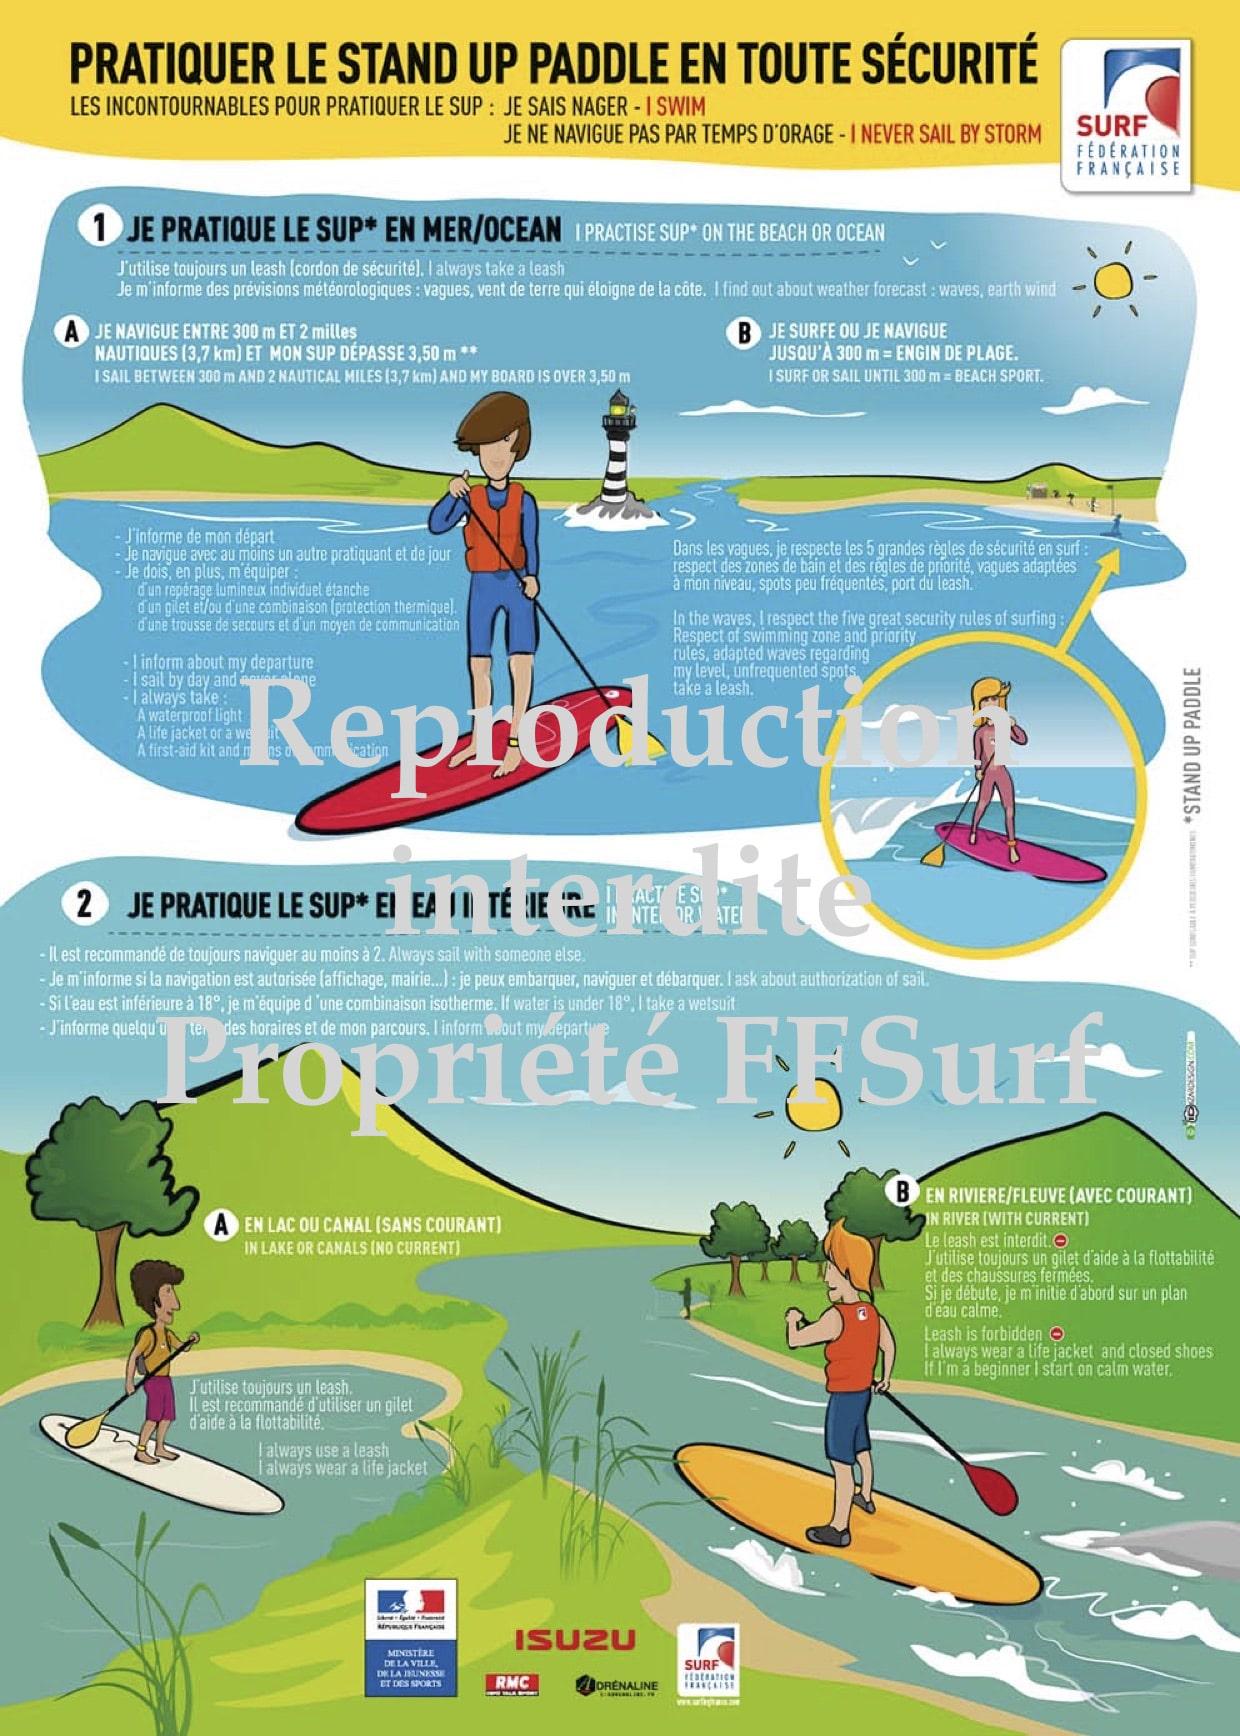 Rappel des règles de sécurité en stand up paddle